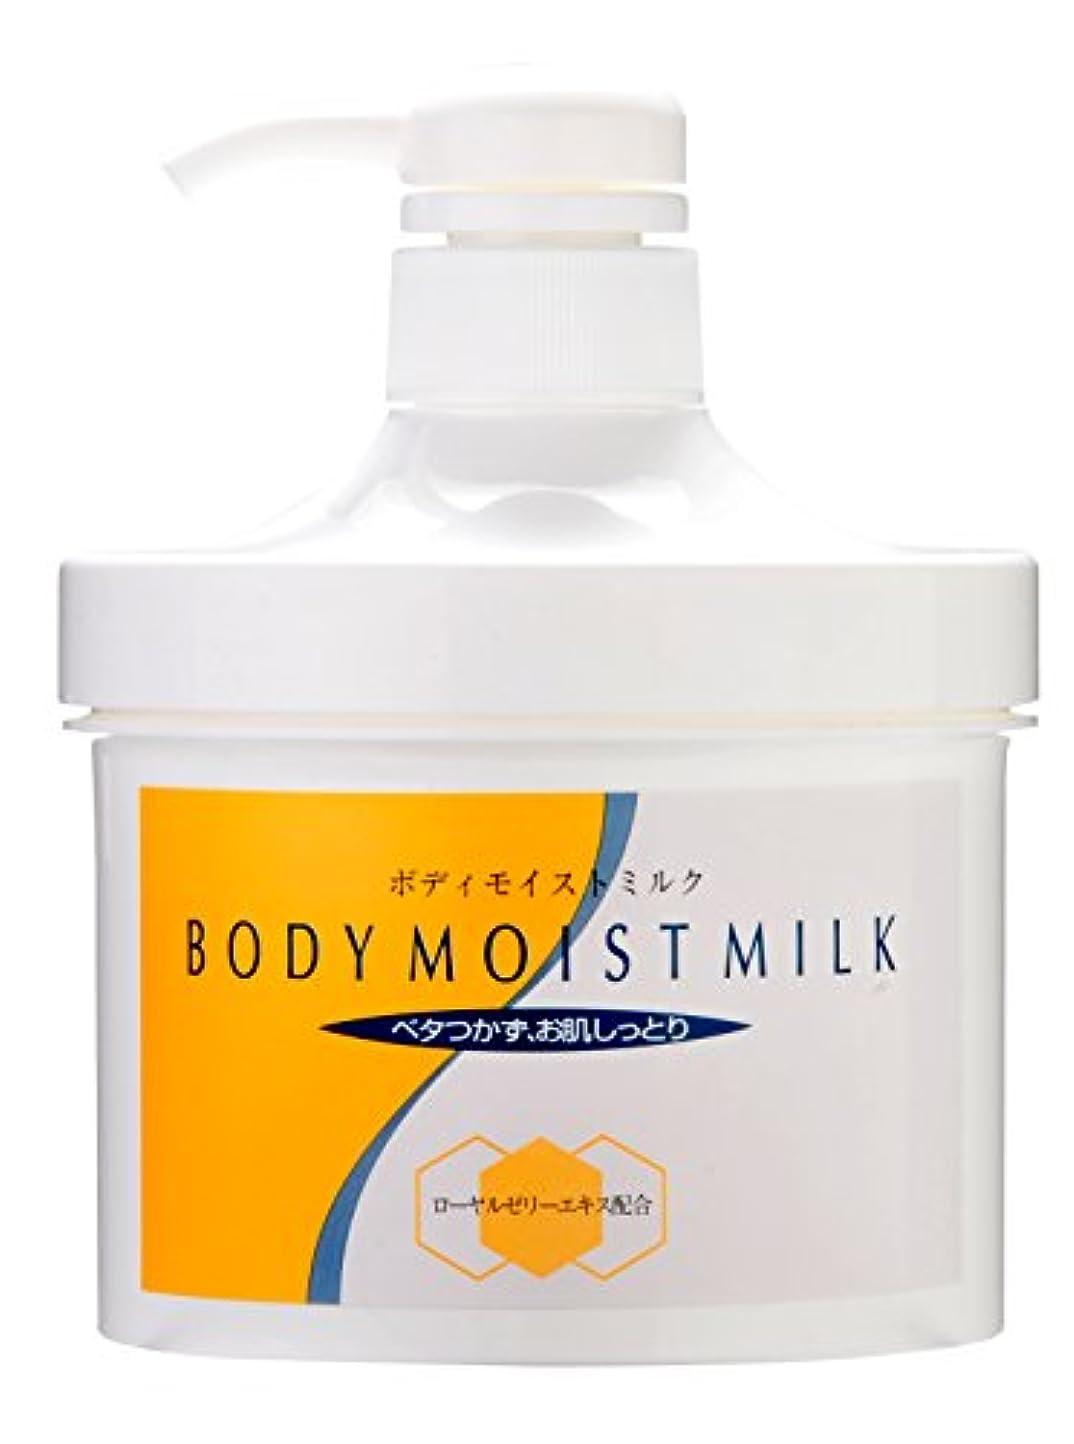 怪しい焦がす非武装化◆ボディモイストミルク(ボデイクリーム) 全身保湿乳液 無香料